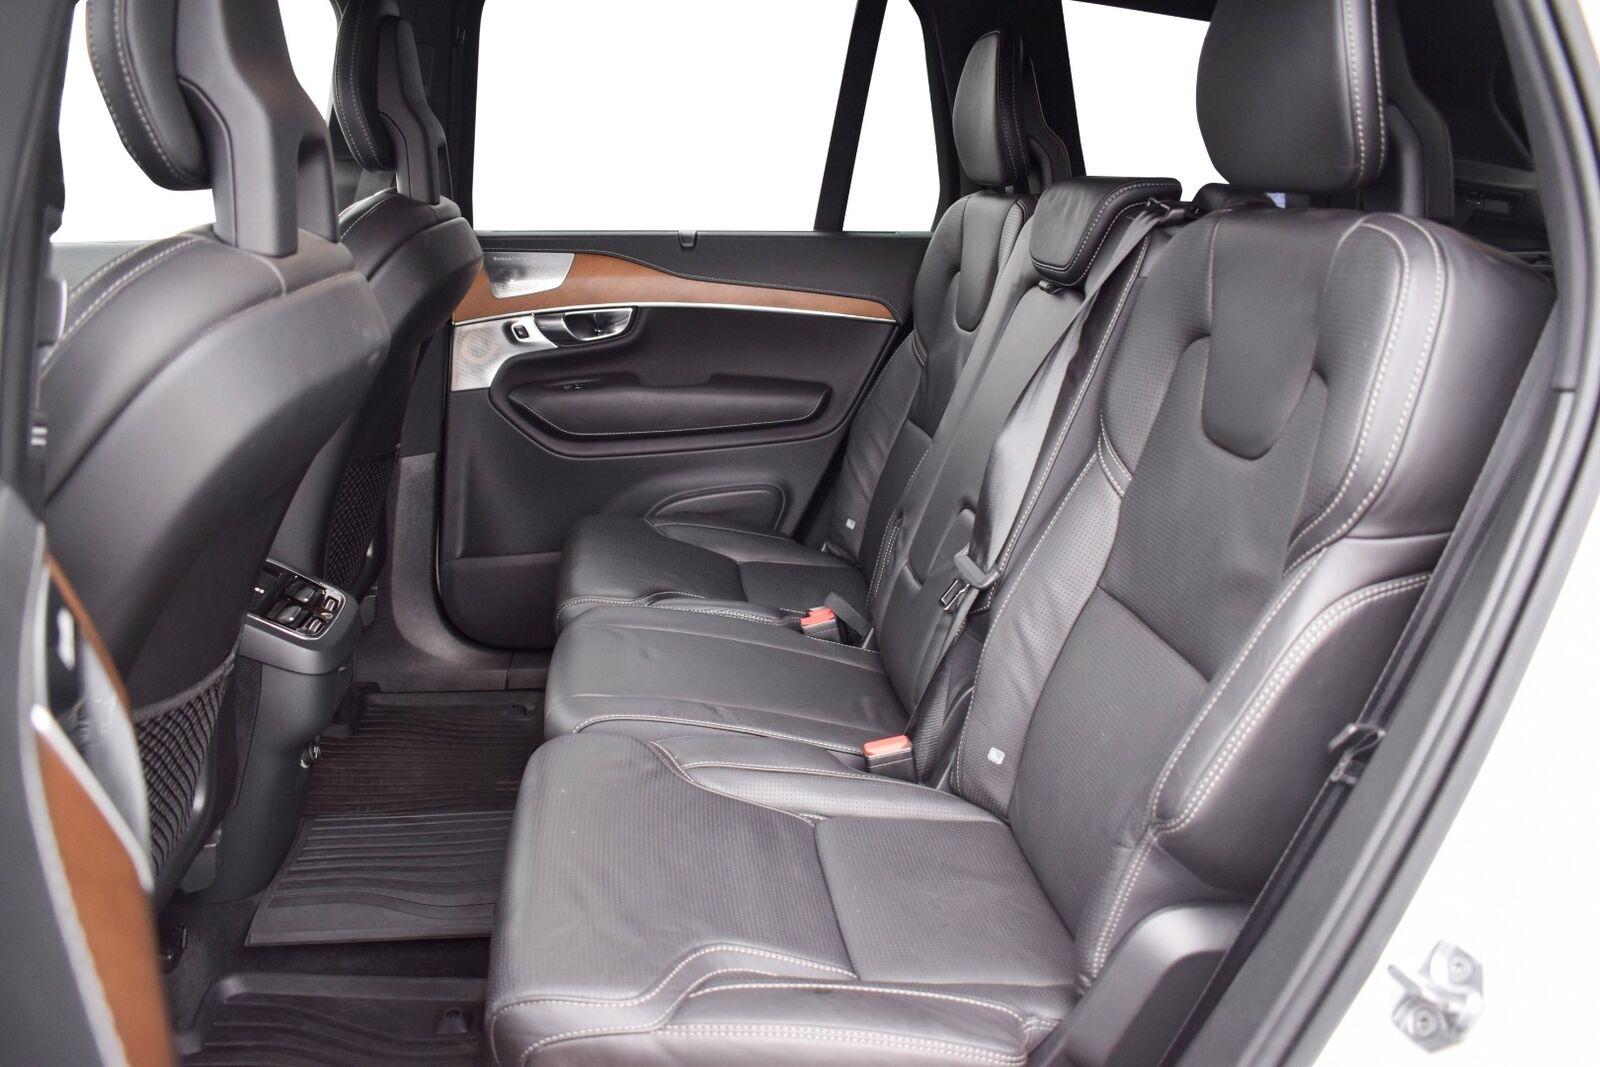 Volvo XC90 2,0 D5 235 Inscription aut. AWD 7p - billede 7